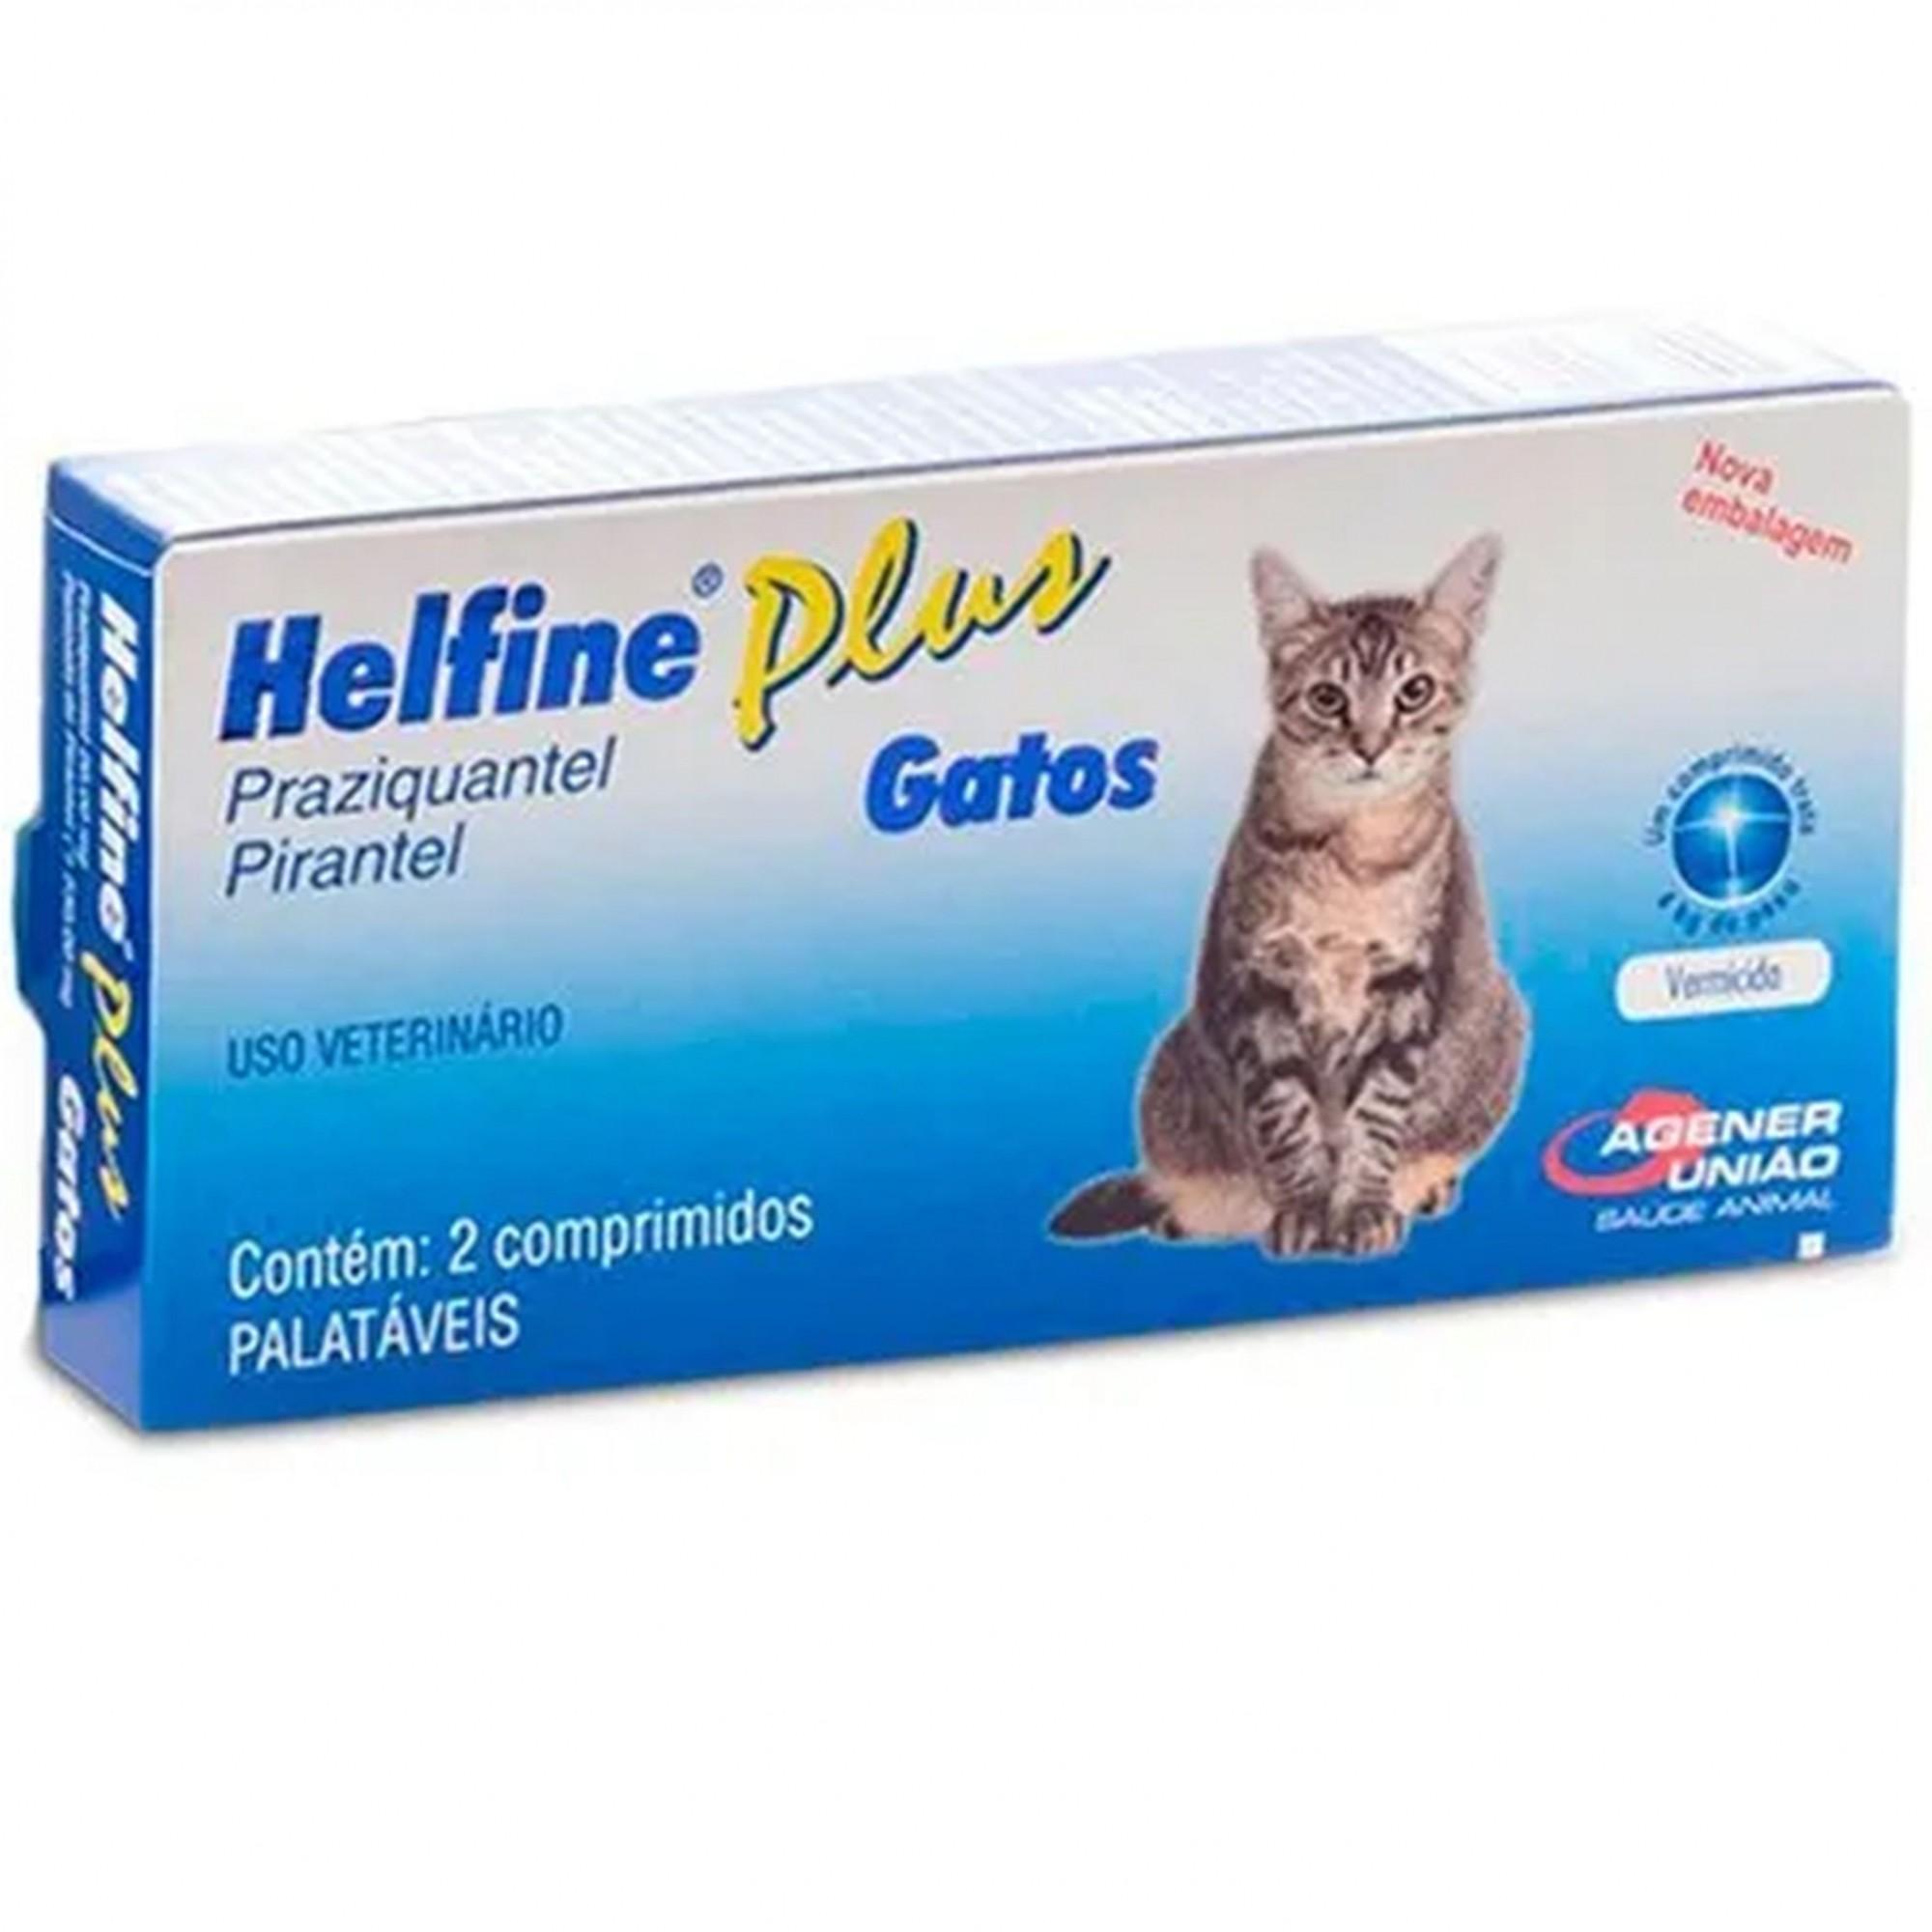 Helfine Plus Gatos 2 Compr Palatáveis Vermicida Agener Pet